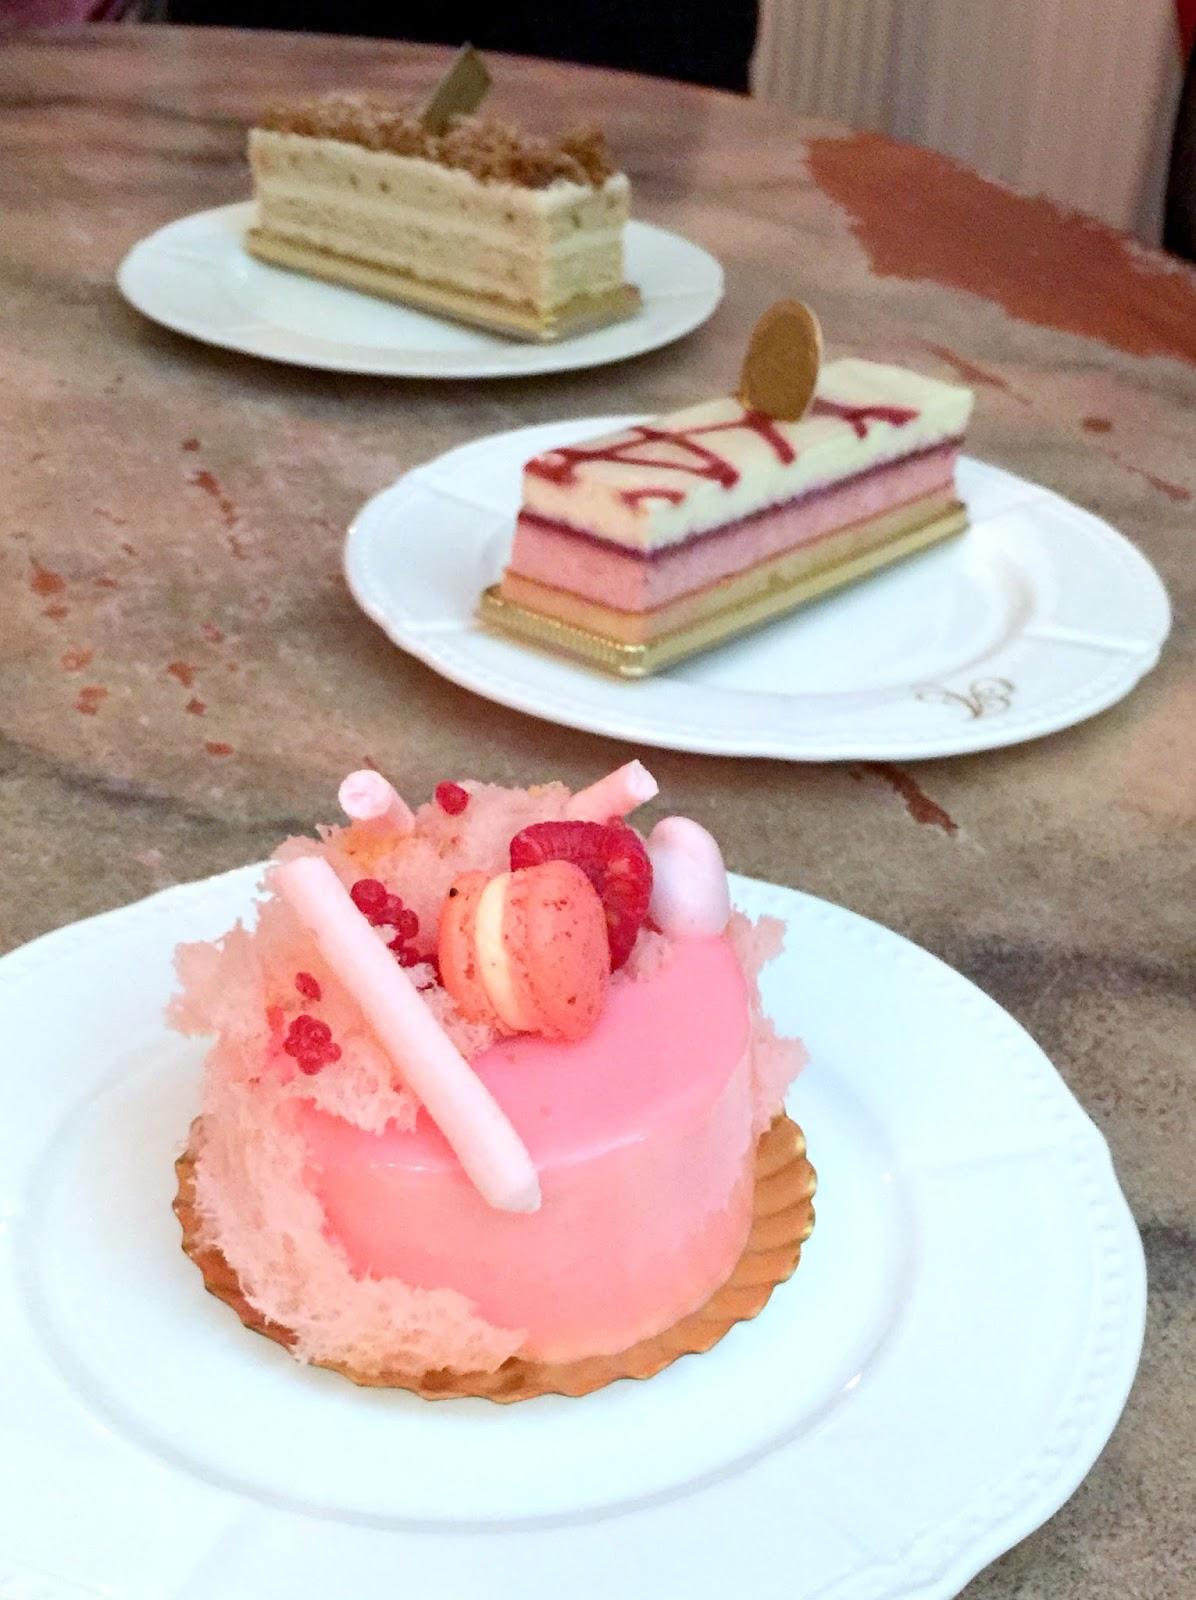 French Chestnut Cake